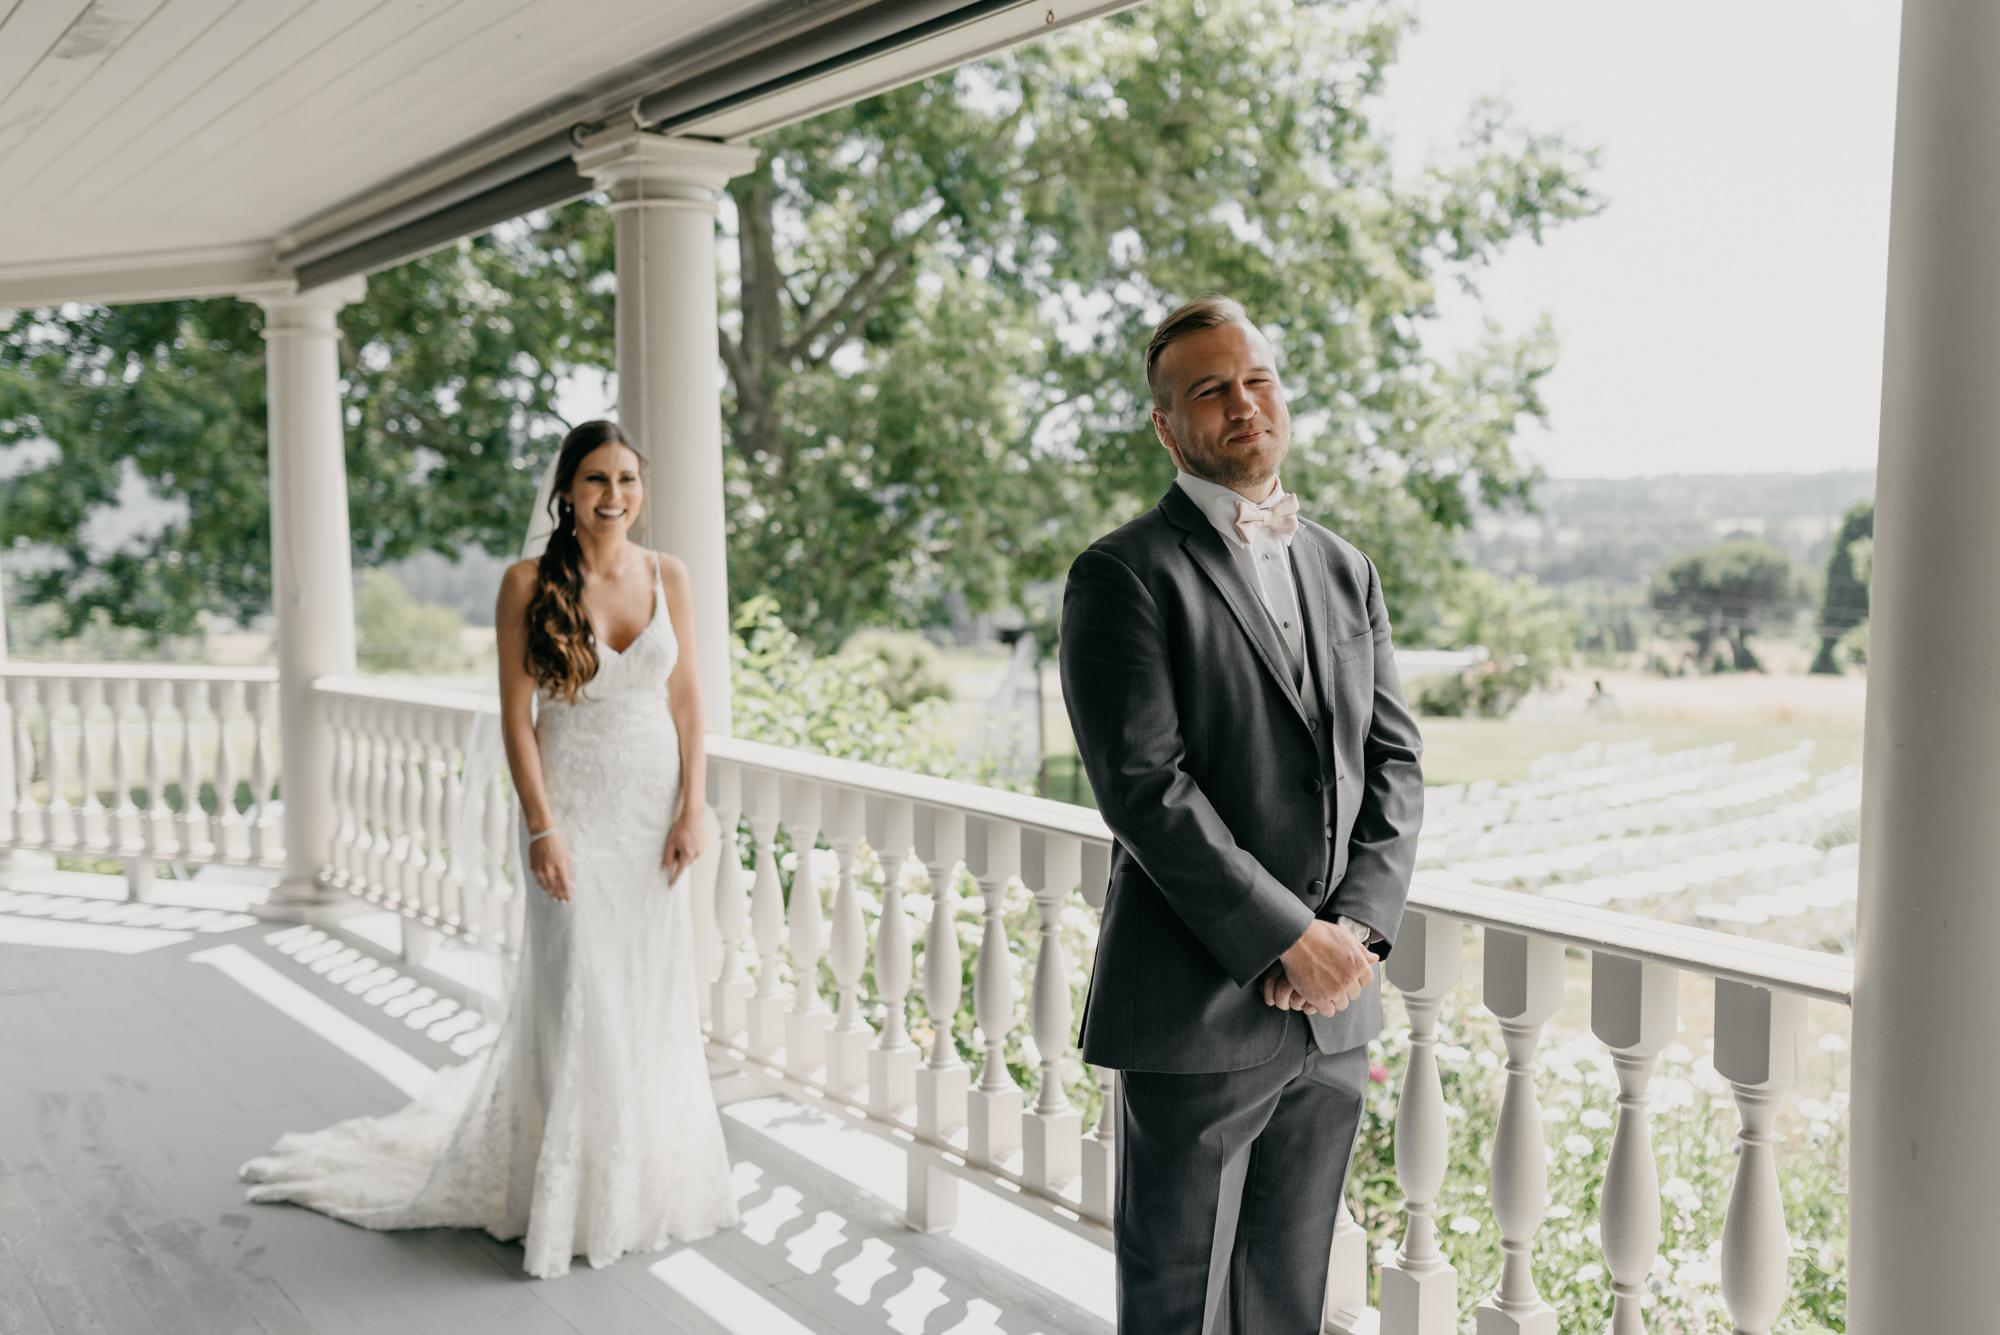 50-first-look-barn-kestrel-wedding-lake-oswego-wedding.jpg